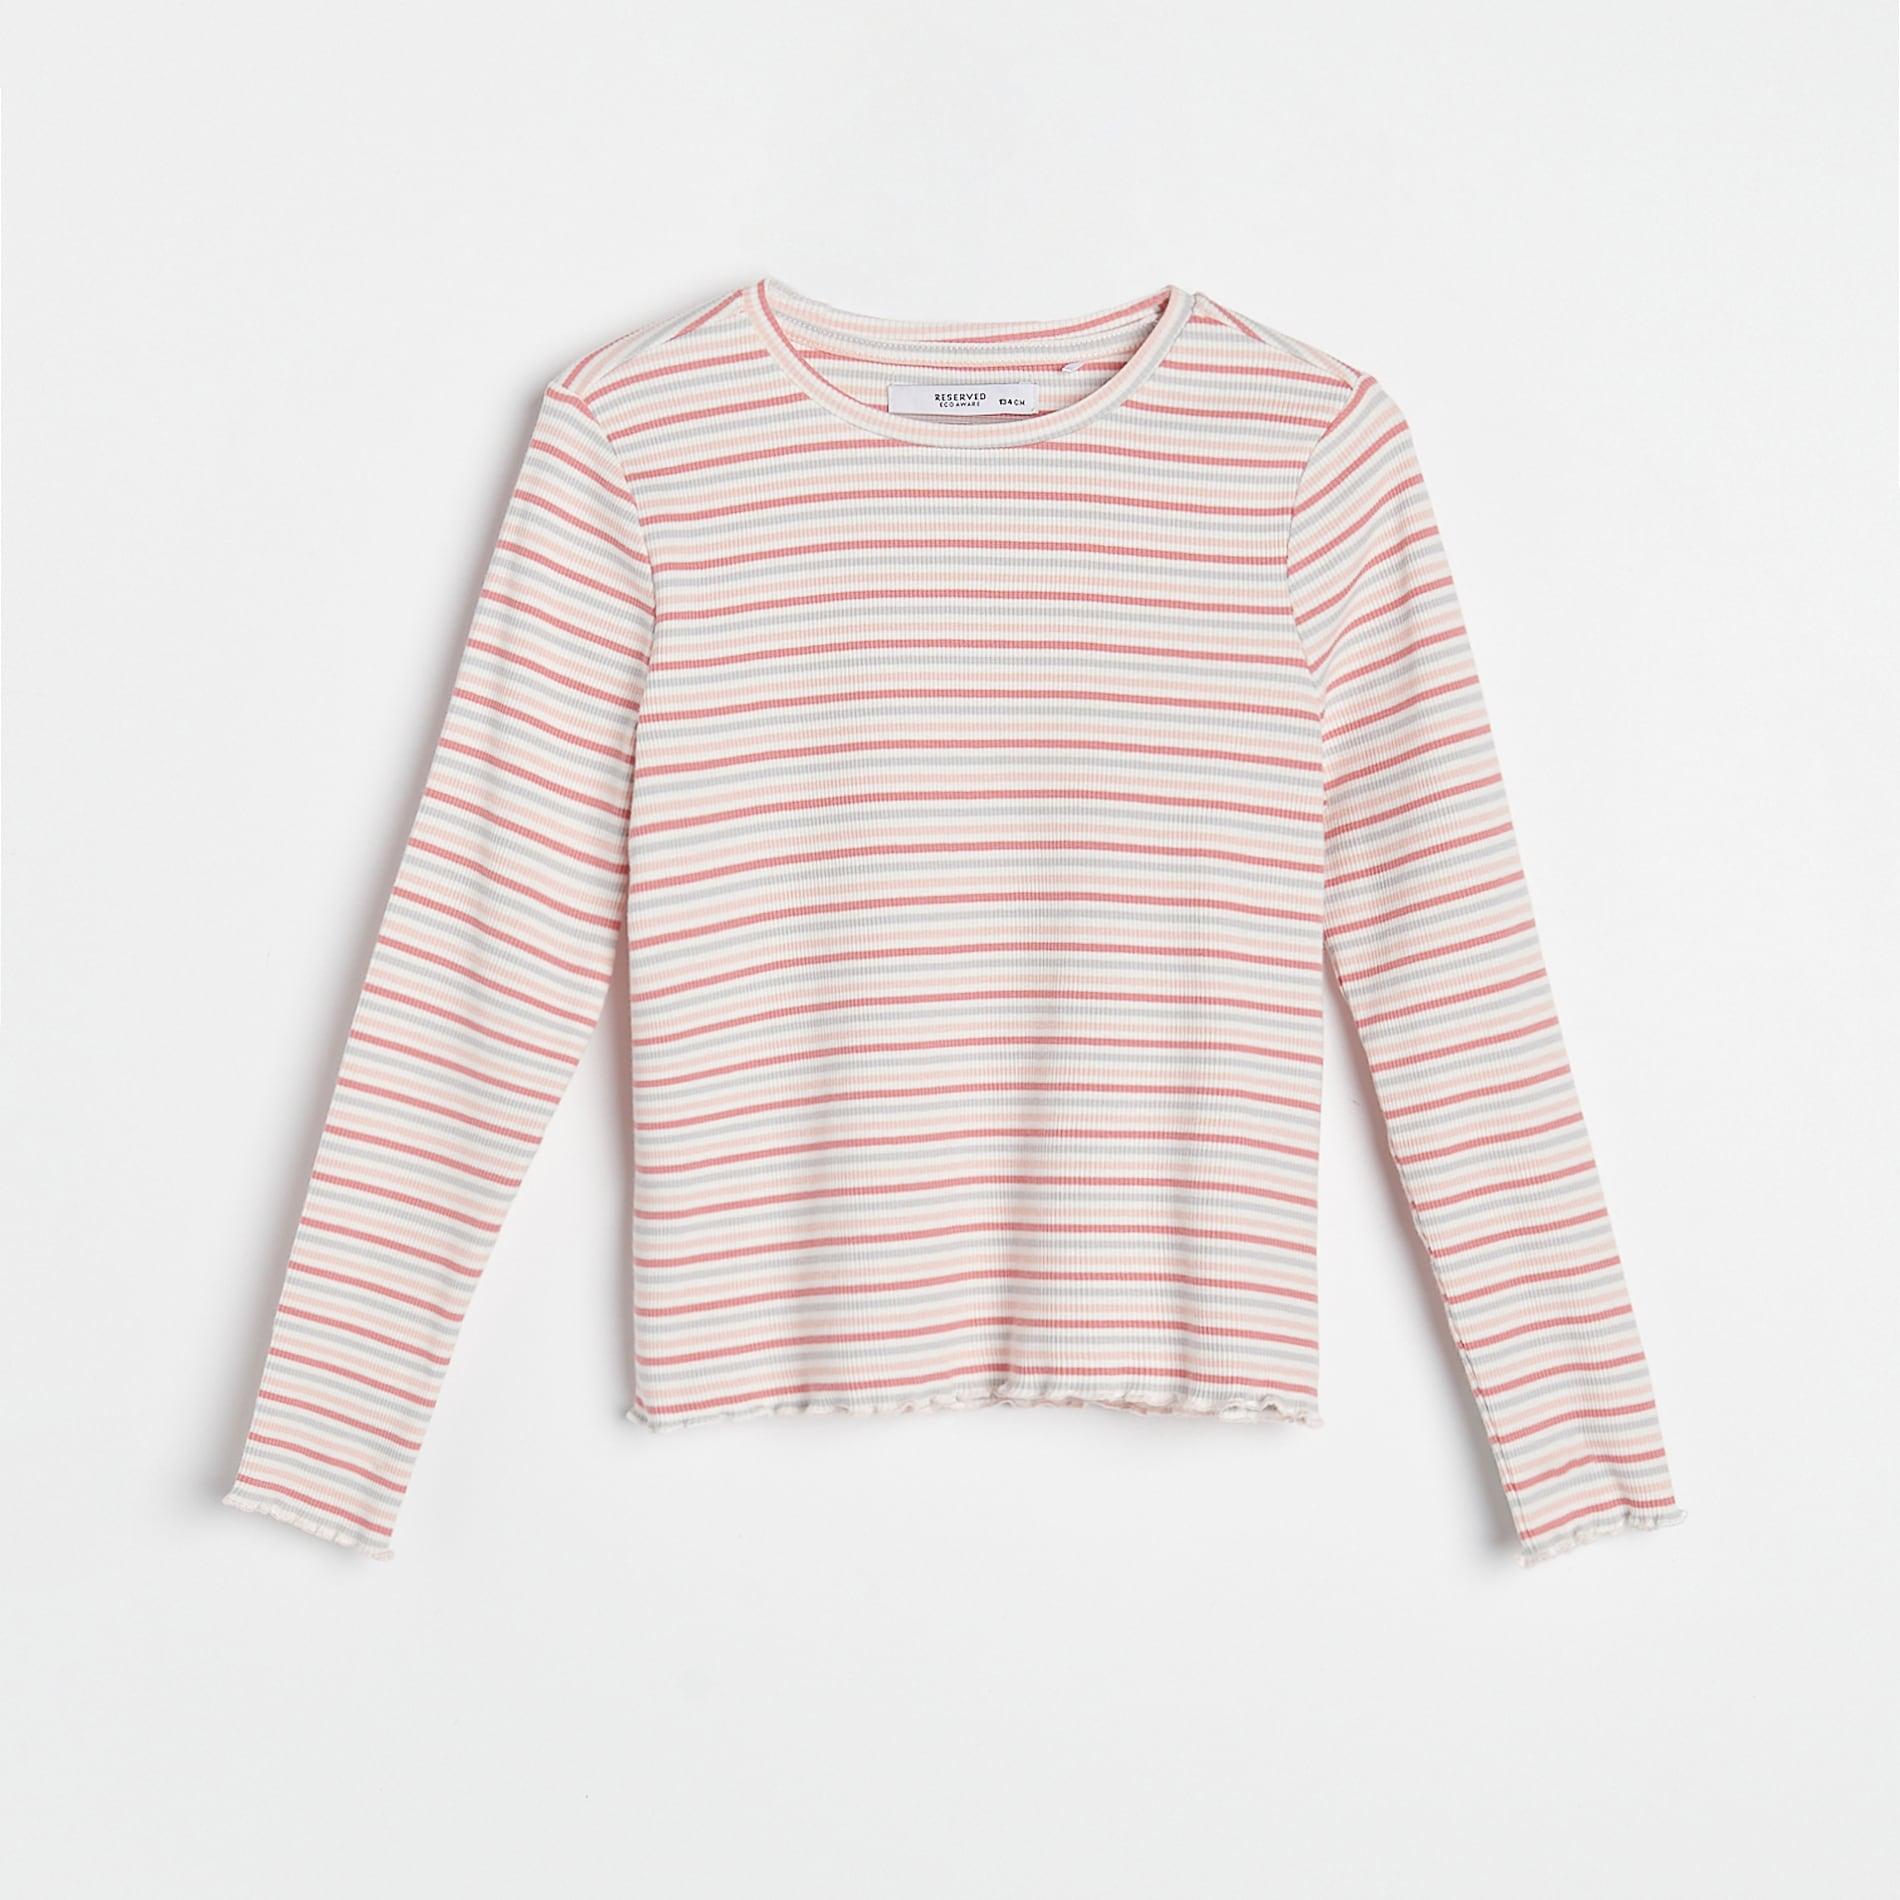 Reserved - Pruhované tričko sdlouhými rukávy - Růžová